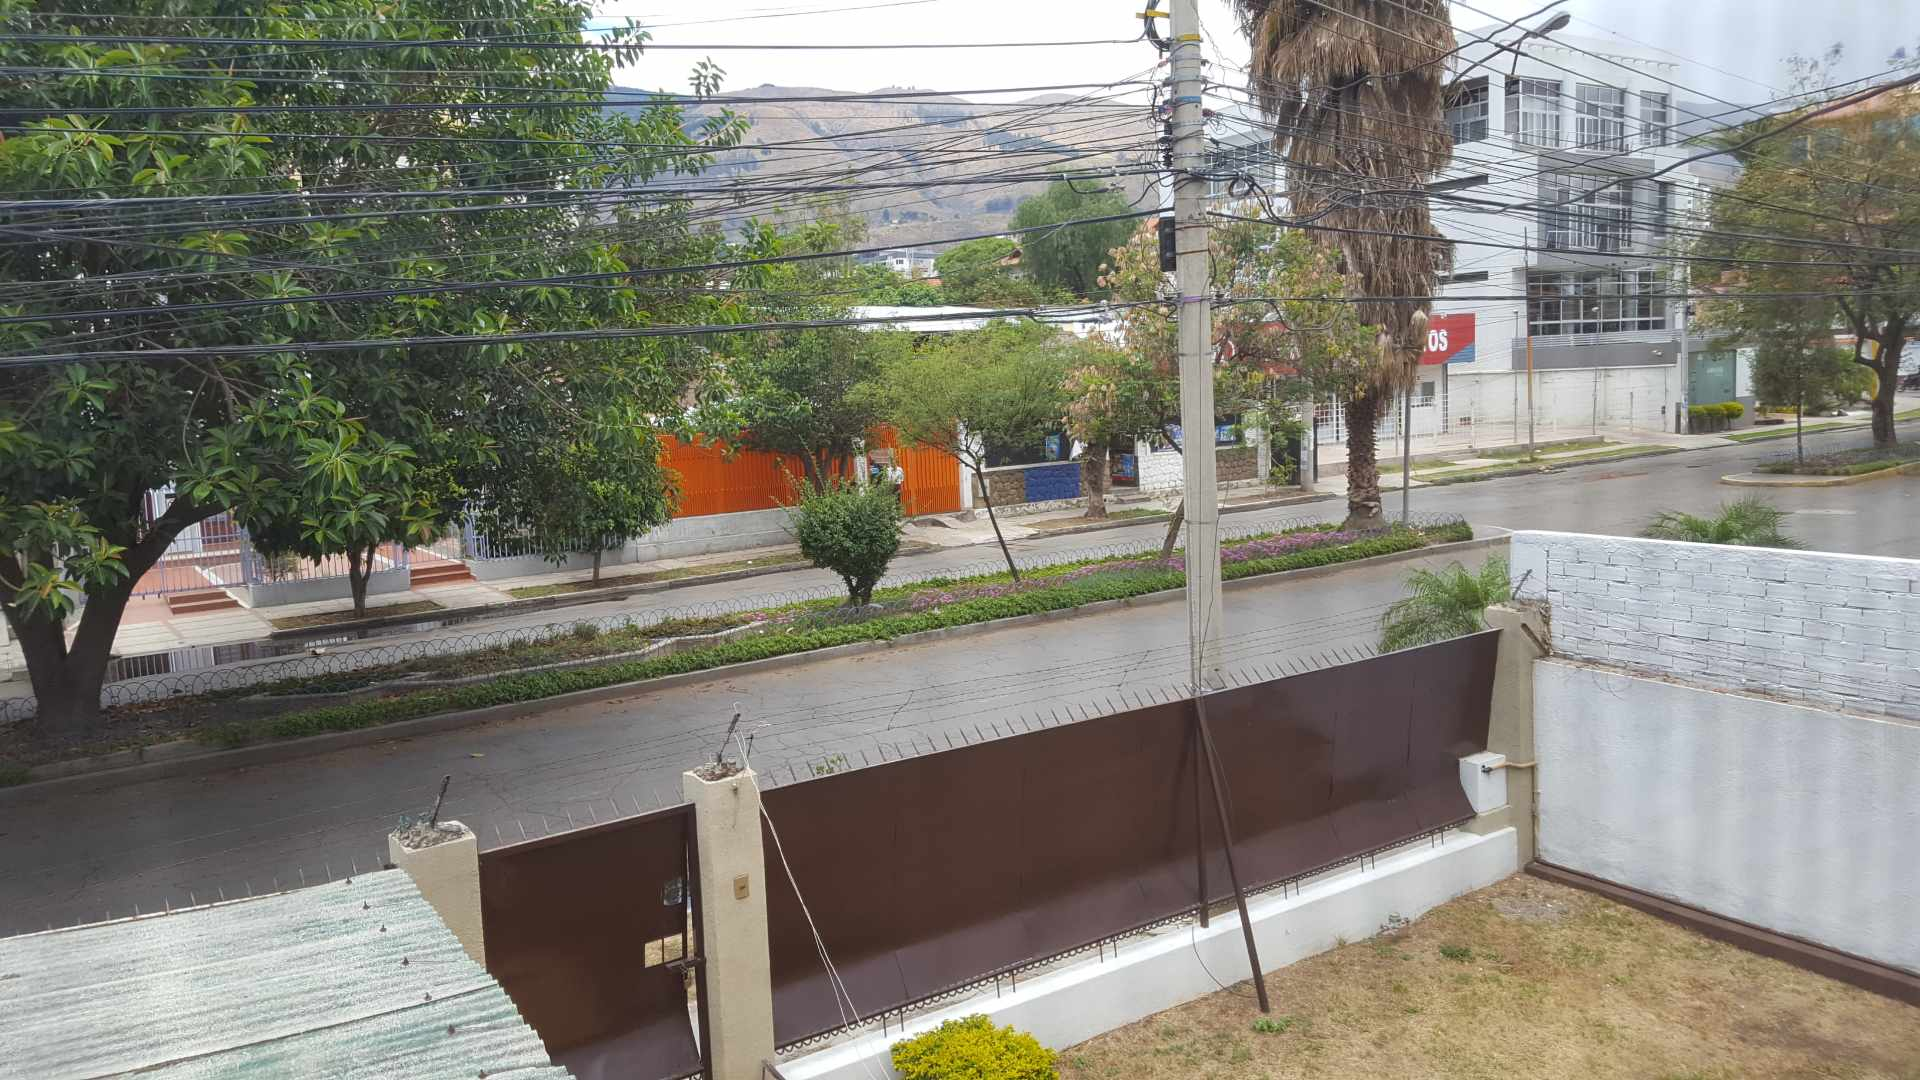 Casa en Alquiler $us.- 1.500.- ALQUILO BONITA CASA PARA OFICINAS/EMPRESA -  AV. PORTALES ENTRE SANTA CRUZ Y POTOSÍ - CEL: 707-58508 Foto 19